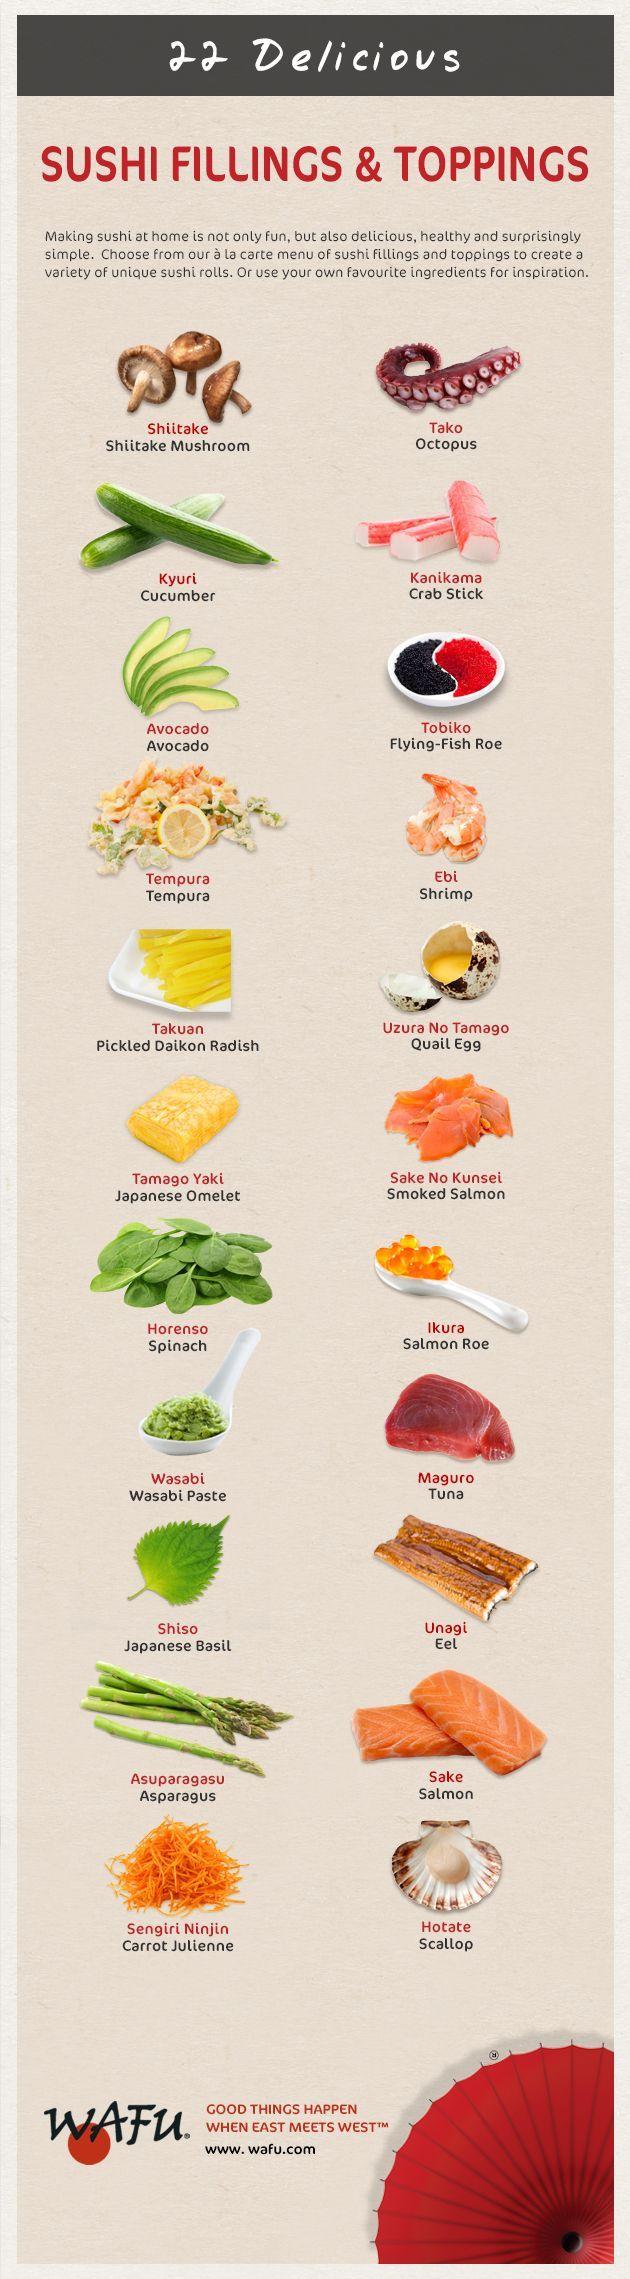 sushi-ingredients-infographic | https://lomejordelaweb.es/